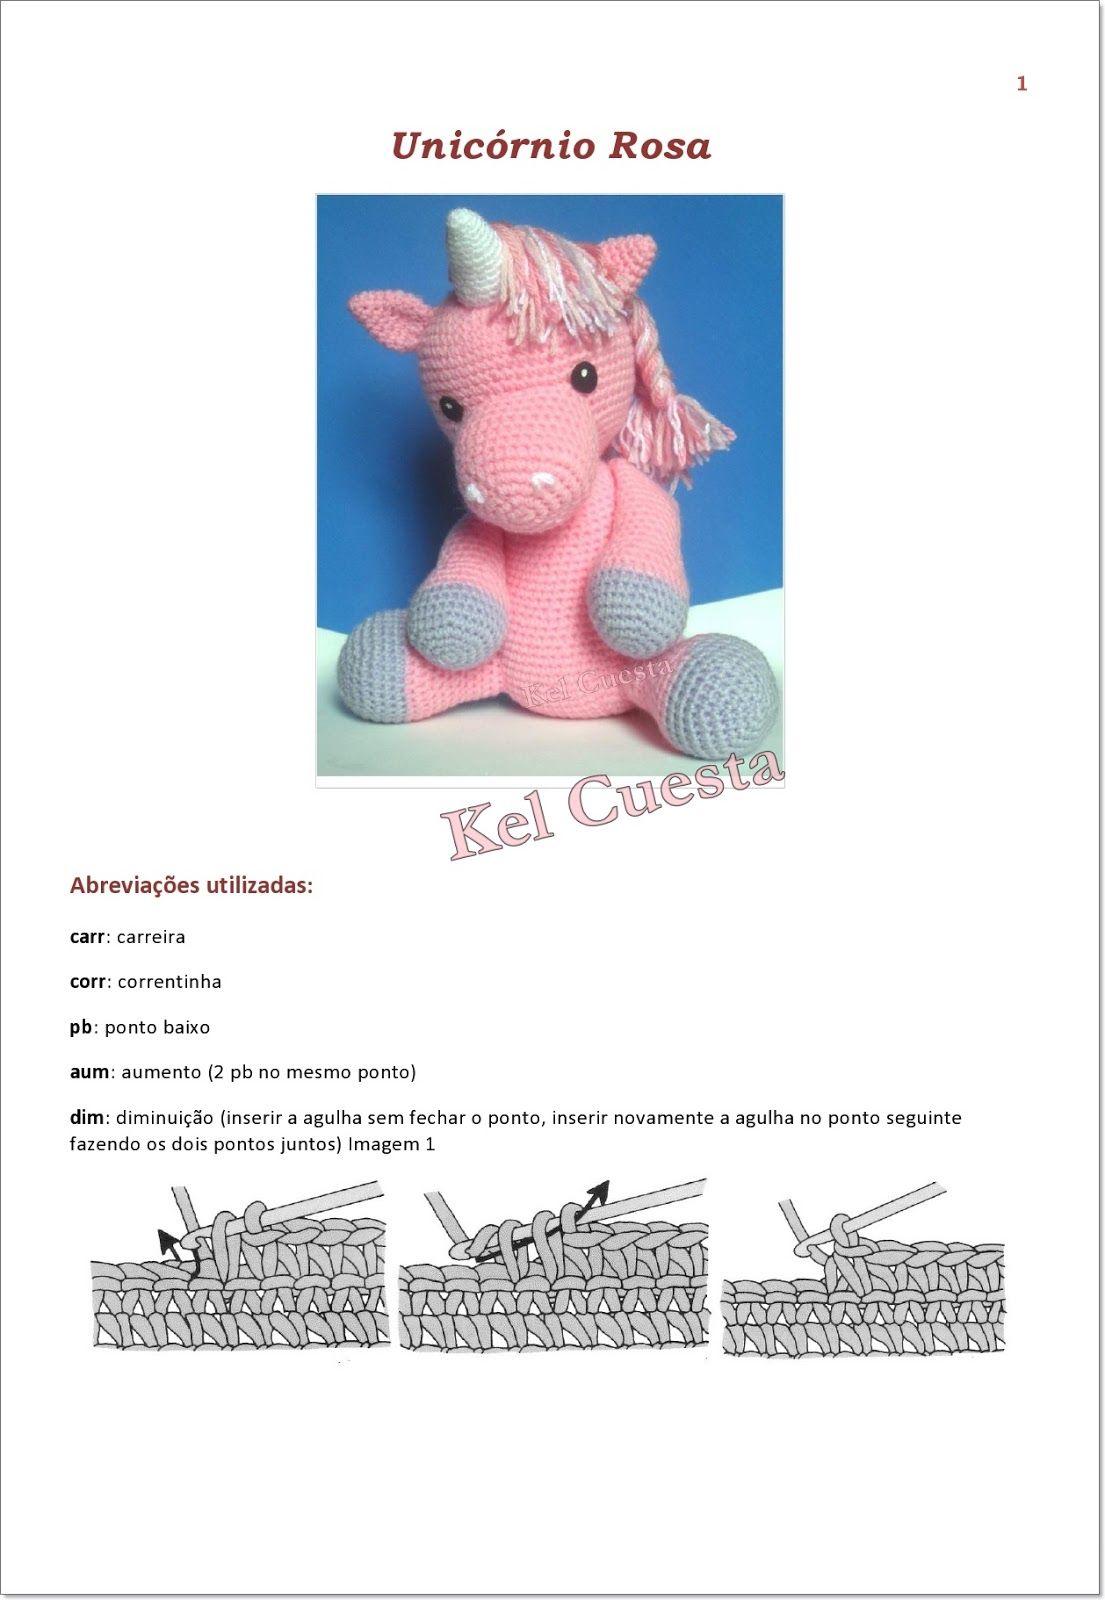 Unicórnio rosa em crochê - Amigurumi, para decoração de festas ou ... | 1600x1105